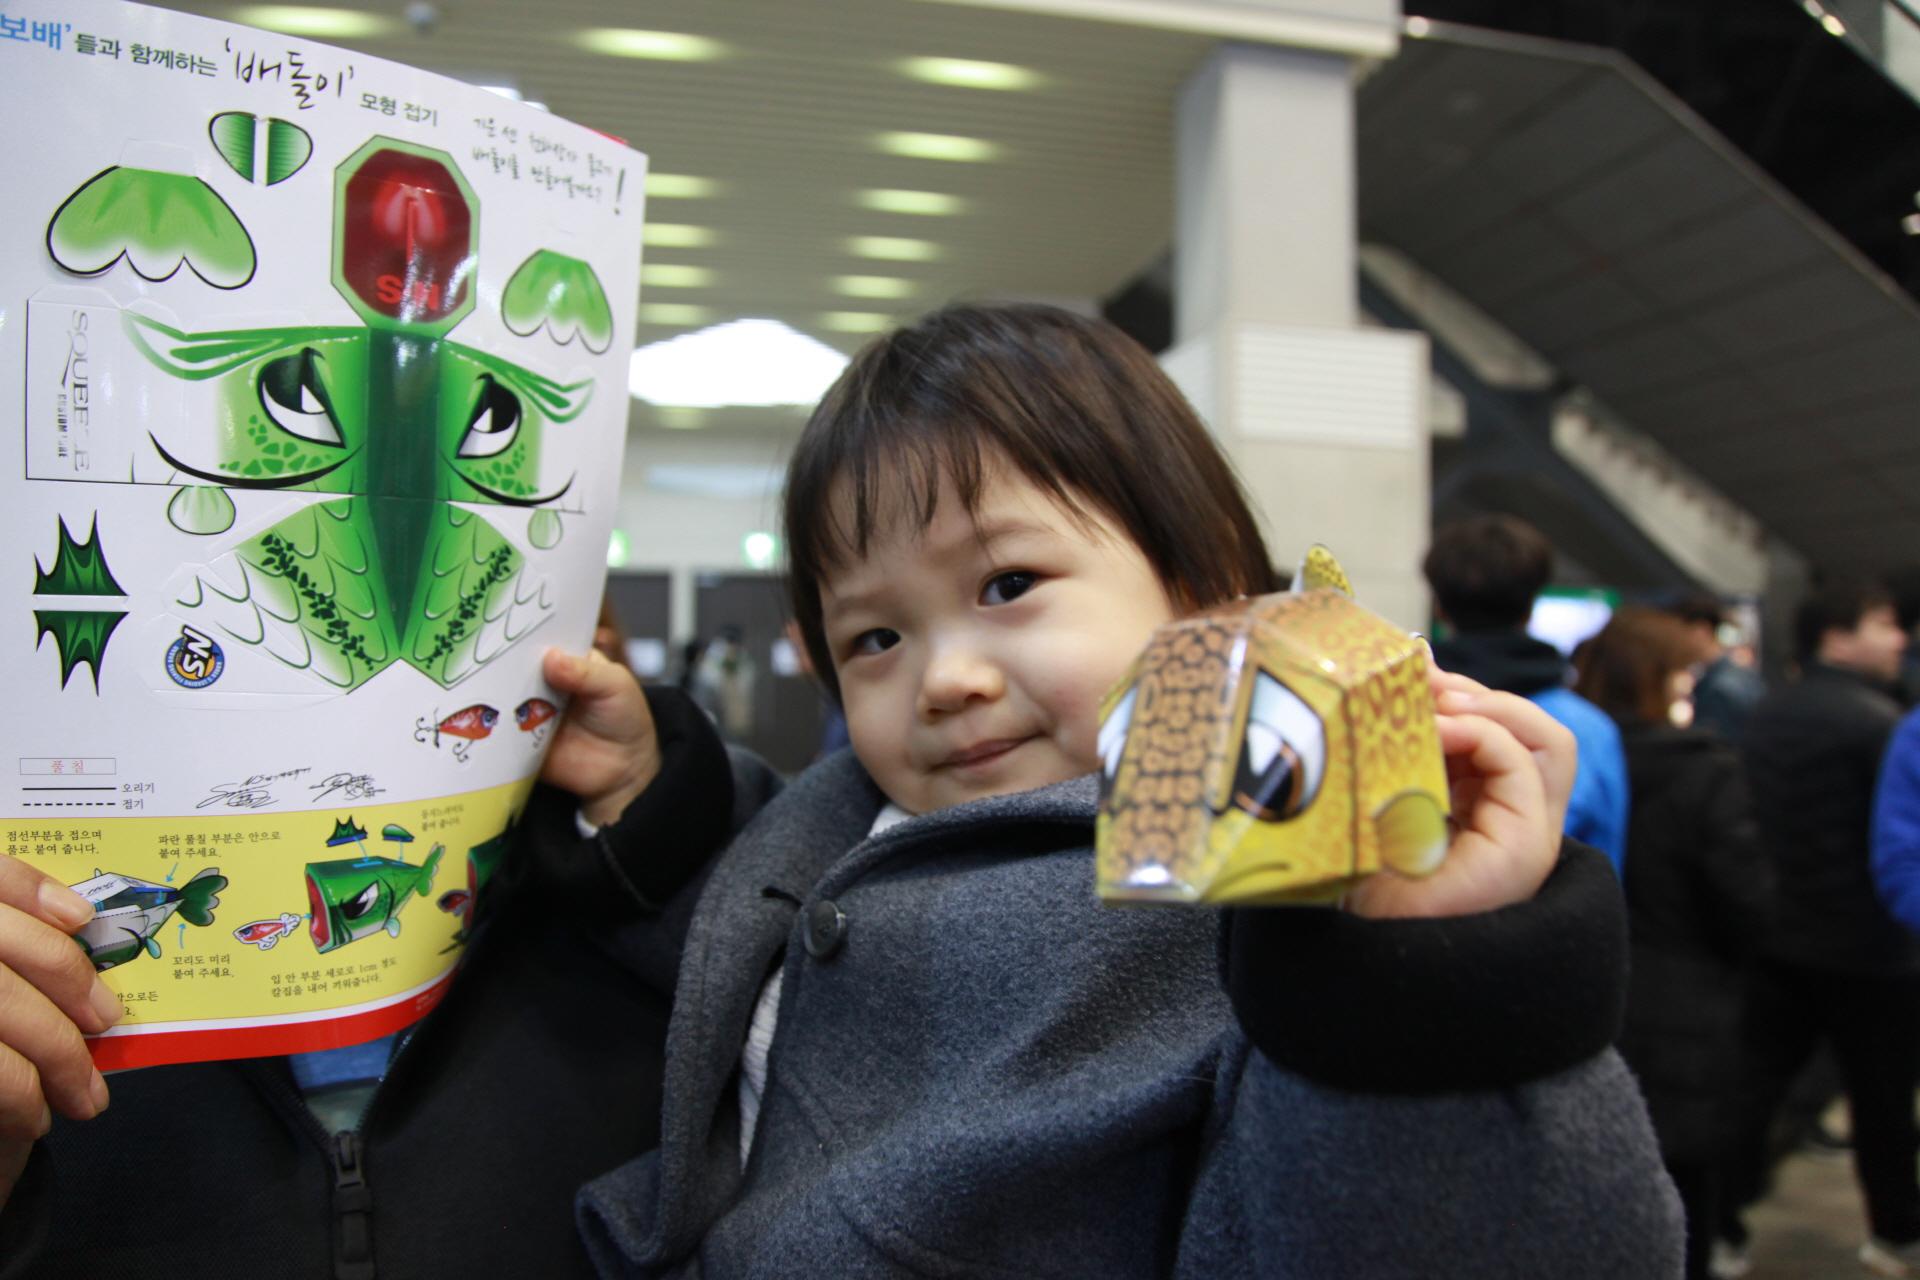 '아이들에게 꿈과 희망을'...2017한국국제낚시박람회서 쏘가리 페이퍼토이 '쏘돌이' 인기